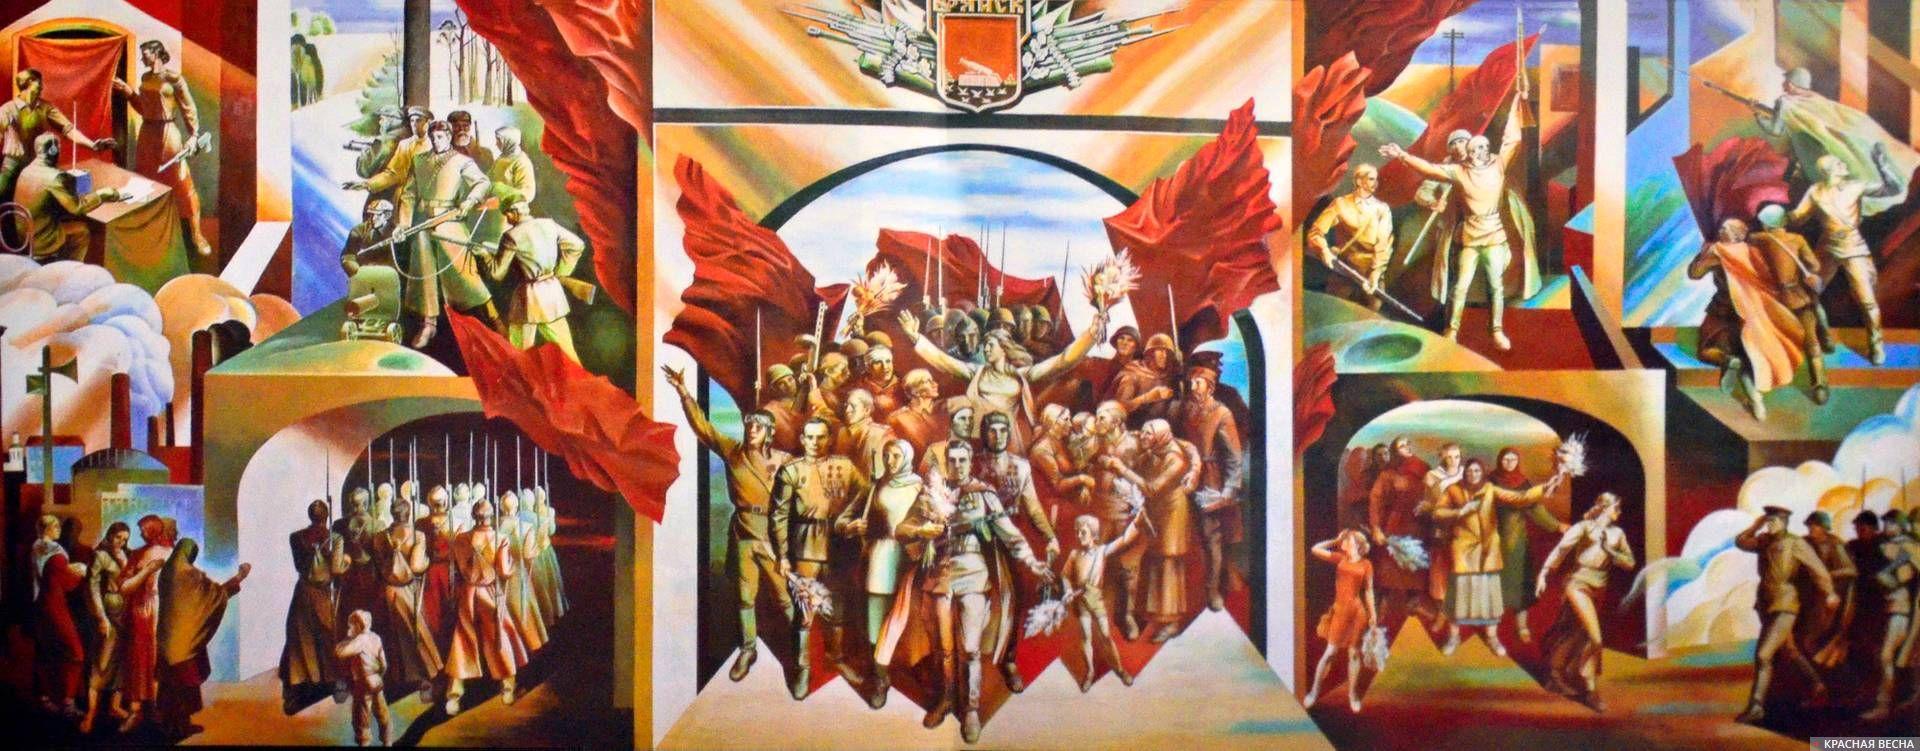 Монументальная роспись «Победа»  Владимир Волков